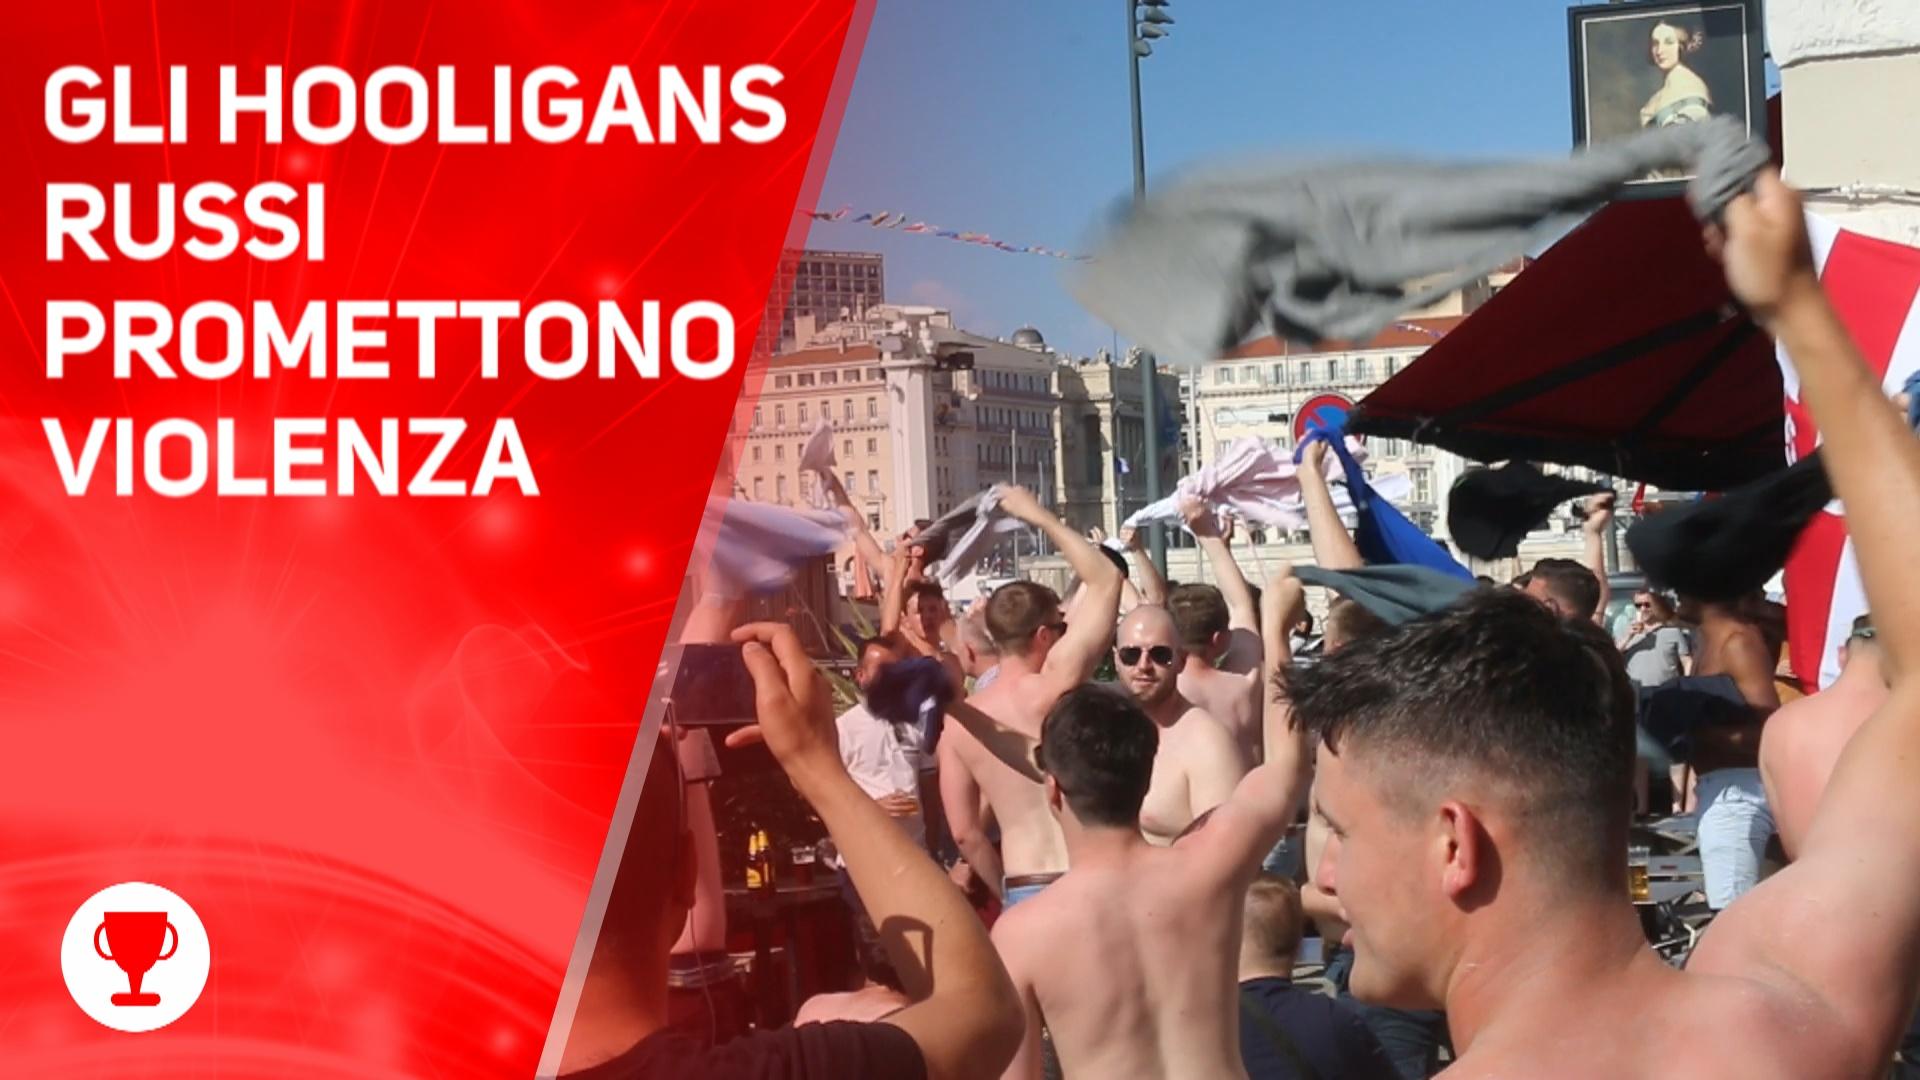 Mondiali 2018, gli hooligans russi promettono violenza